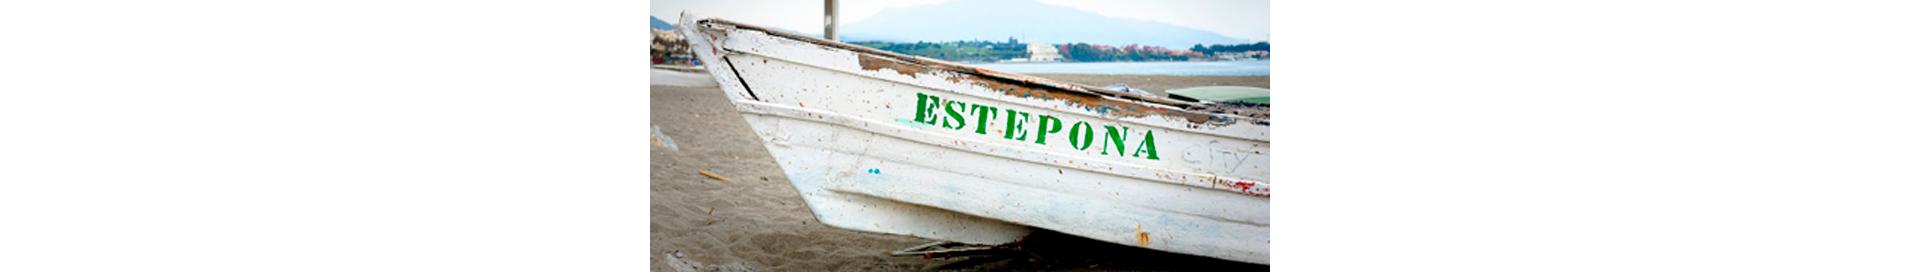 estepona2